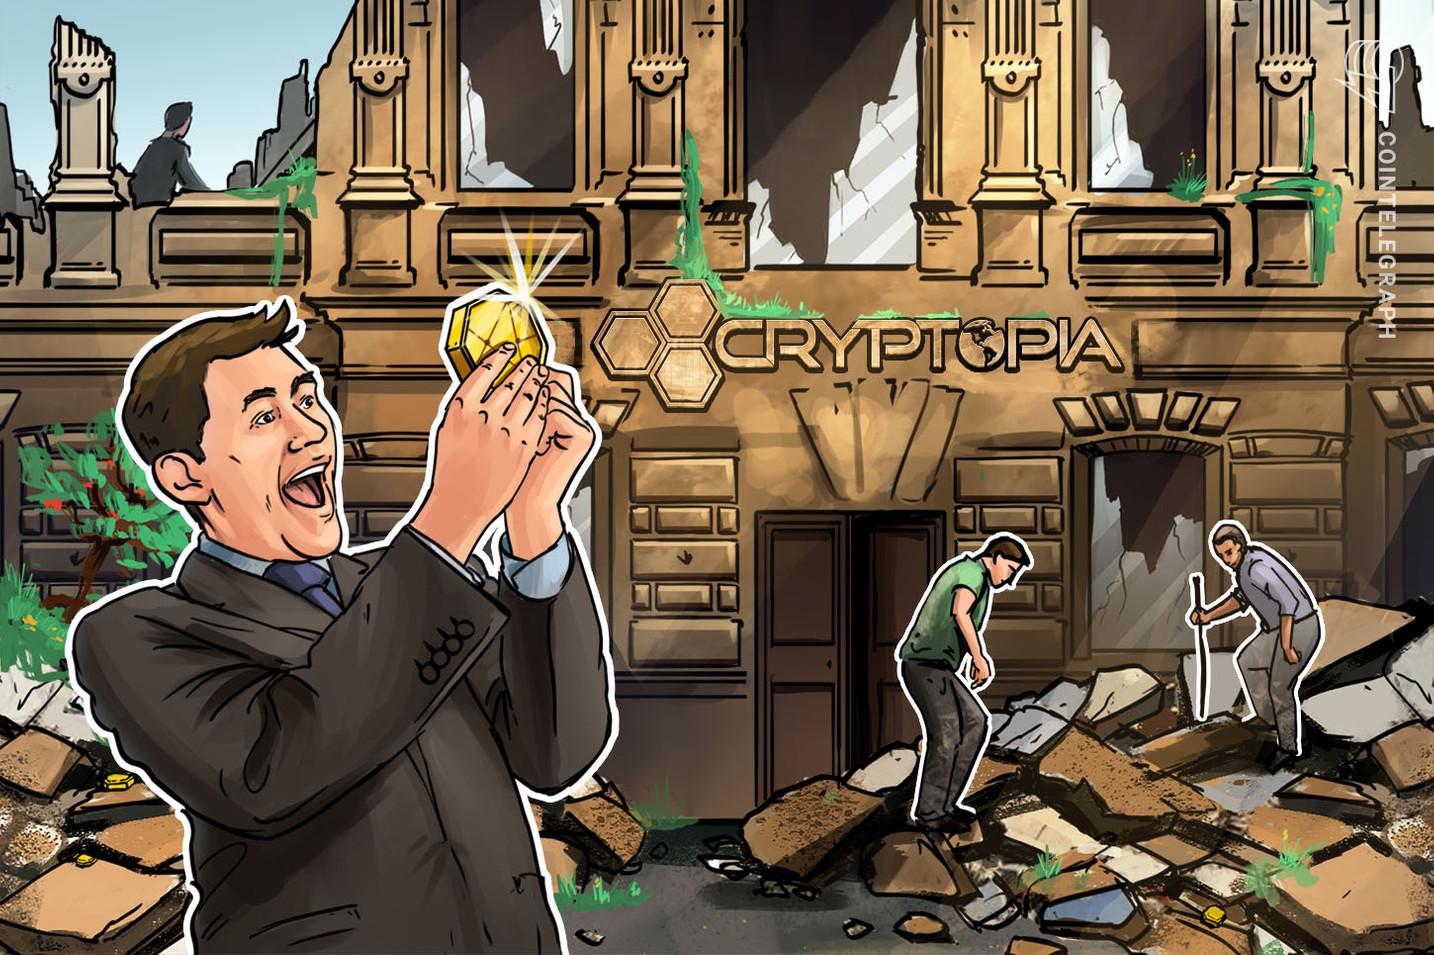 Tribunal Supremo dicta sentencia sobre los activos de los usuarios en el hackeado exchange Cryptopia